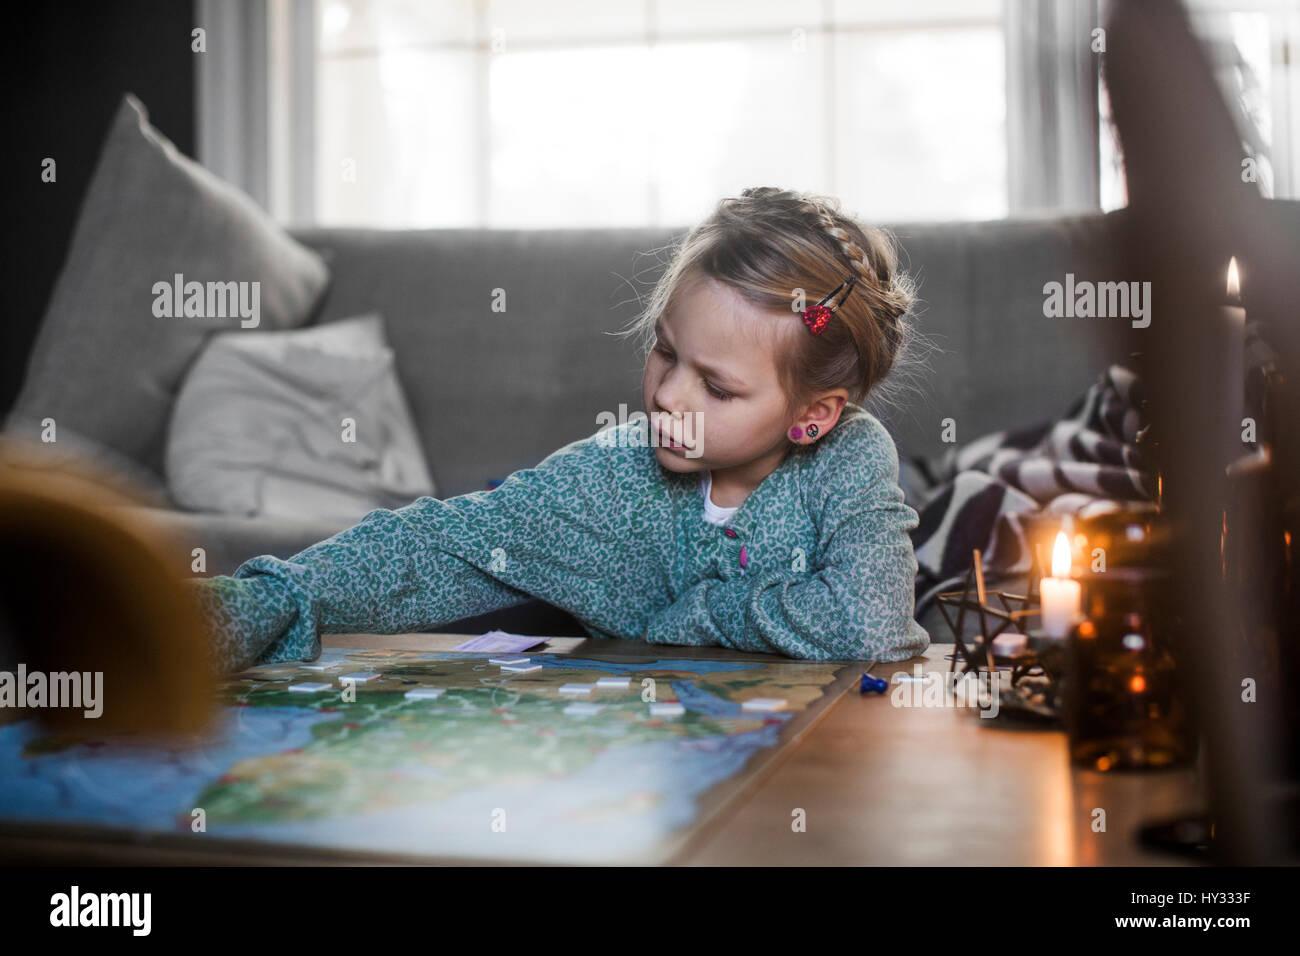 La Suède, girl (4-5) jouer à jeu sur table basse Photo Stock